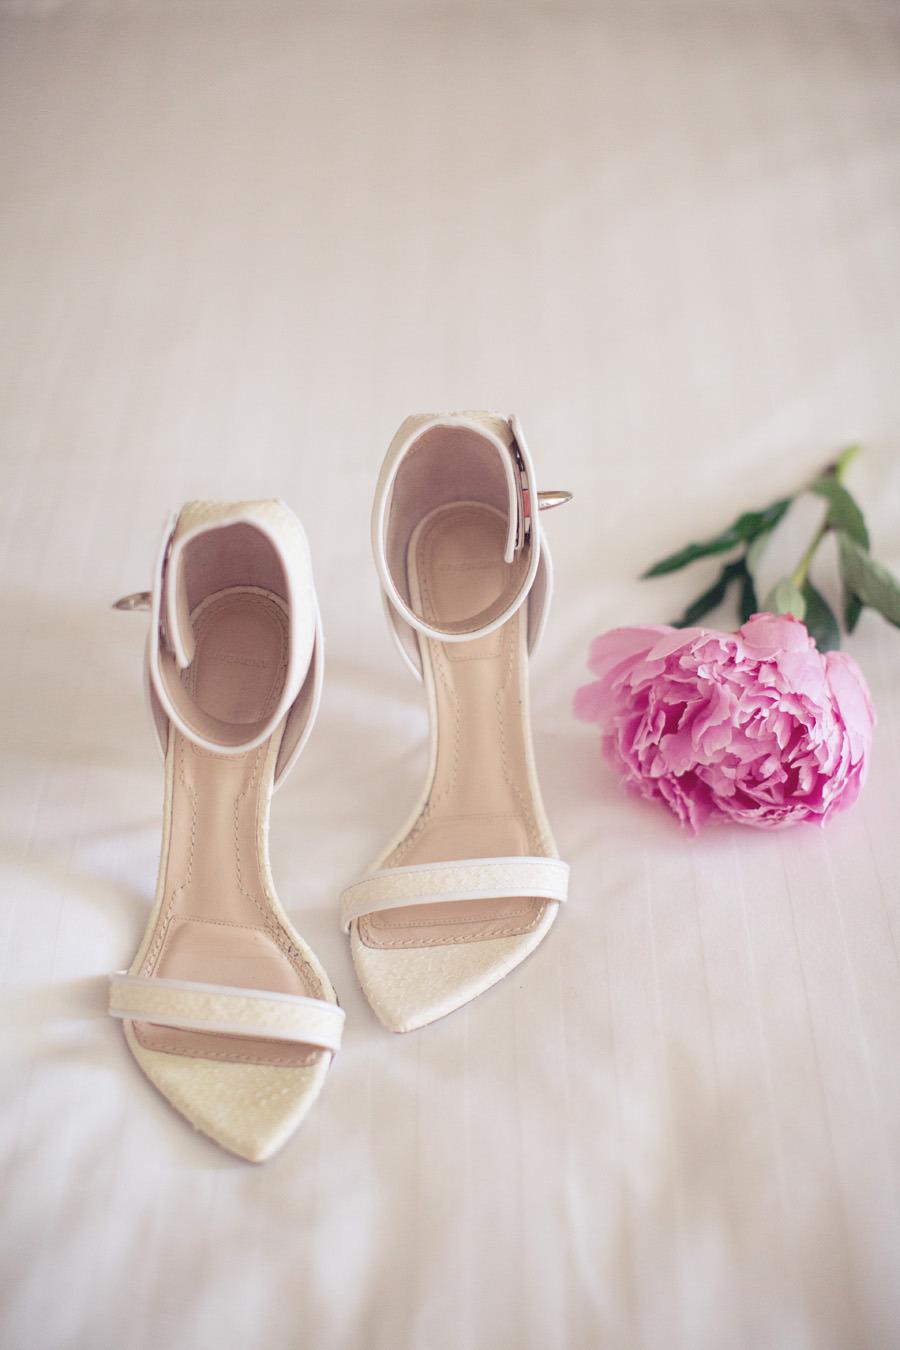 Minimalist heels